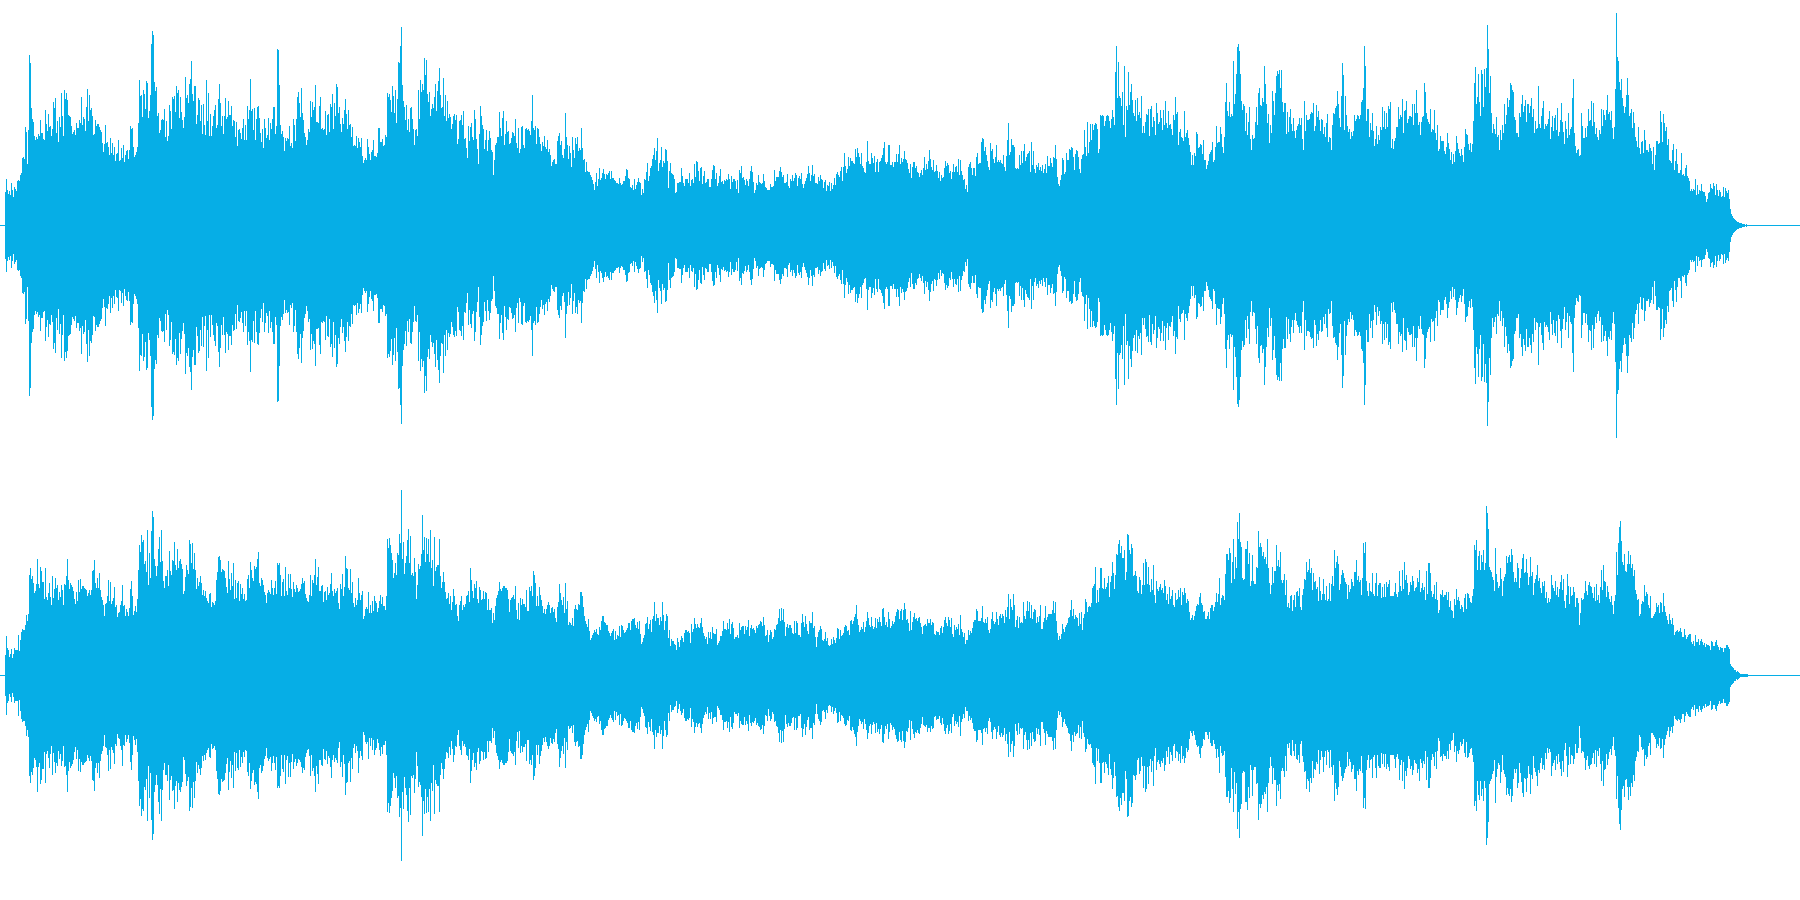 オーケストレーションによる珠玉の名画音楽の再生済みの波形